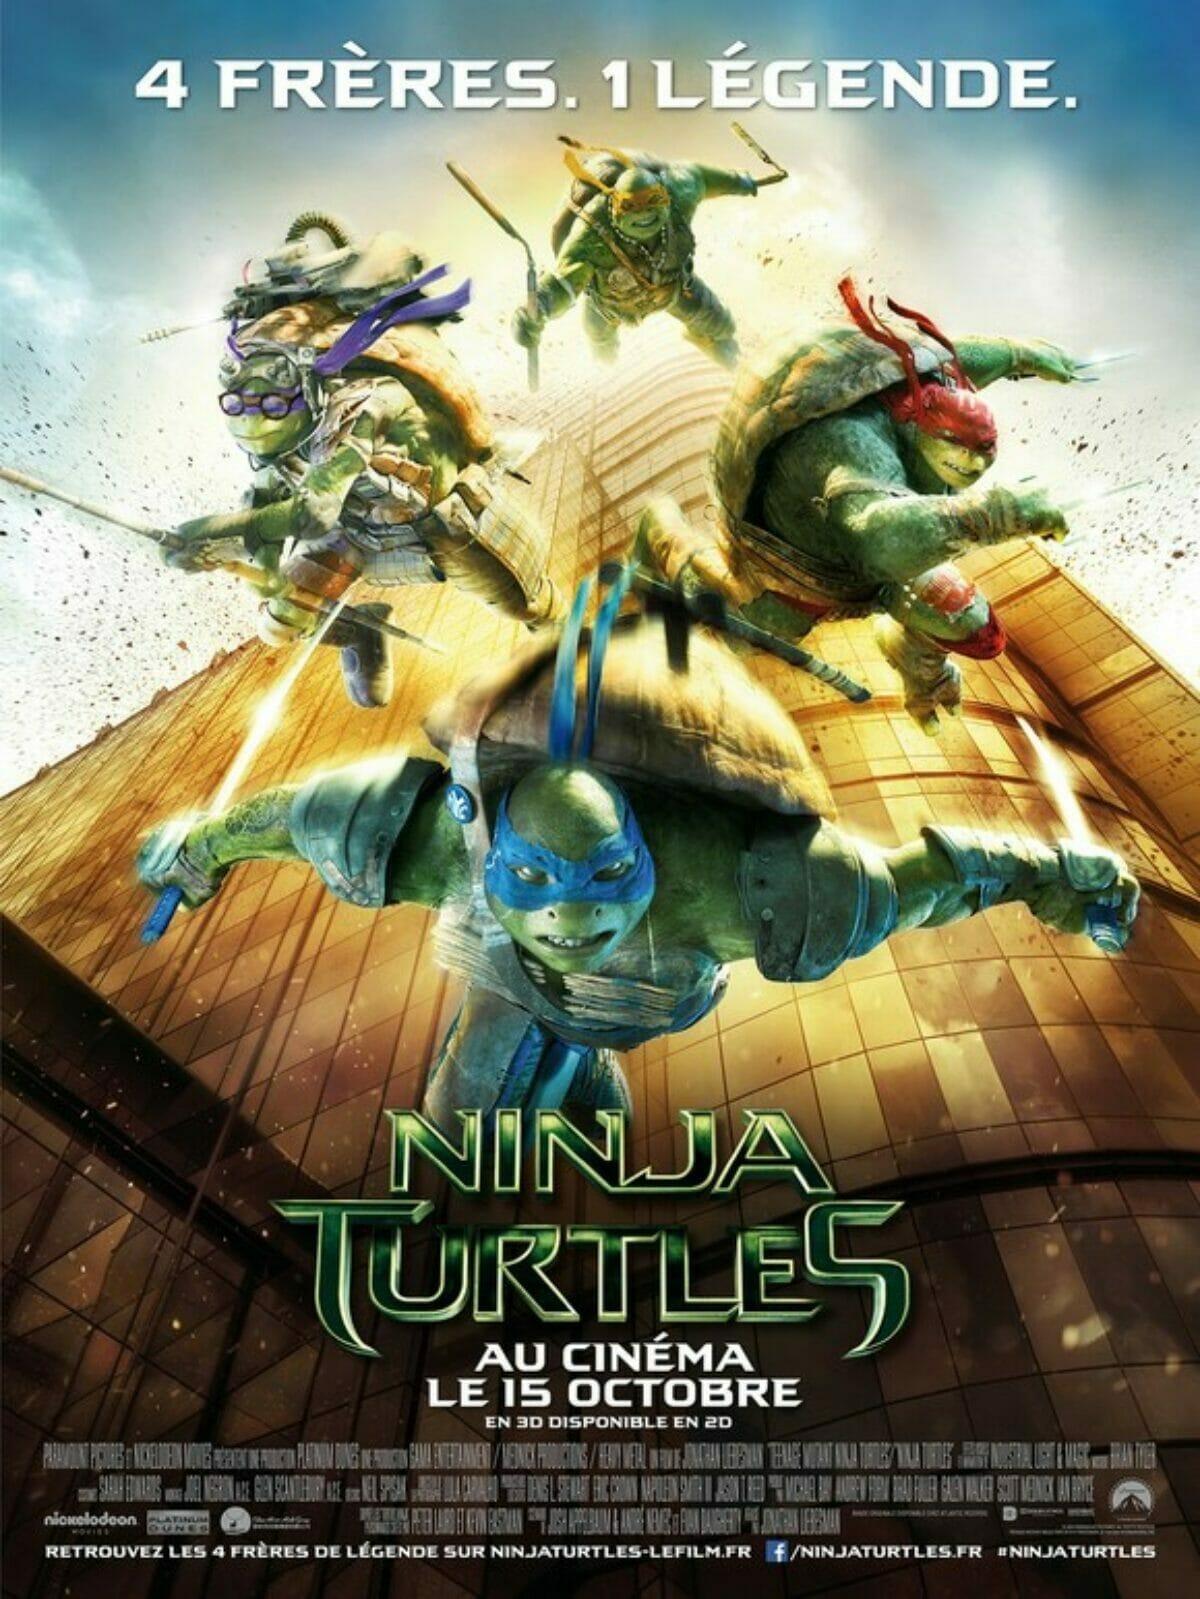 Ninja-Turtles-affiche-France